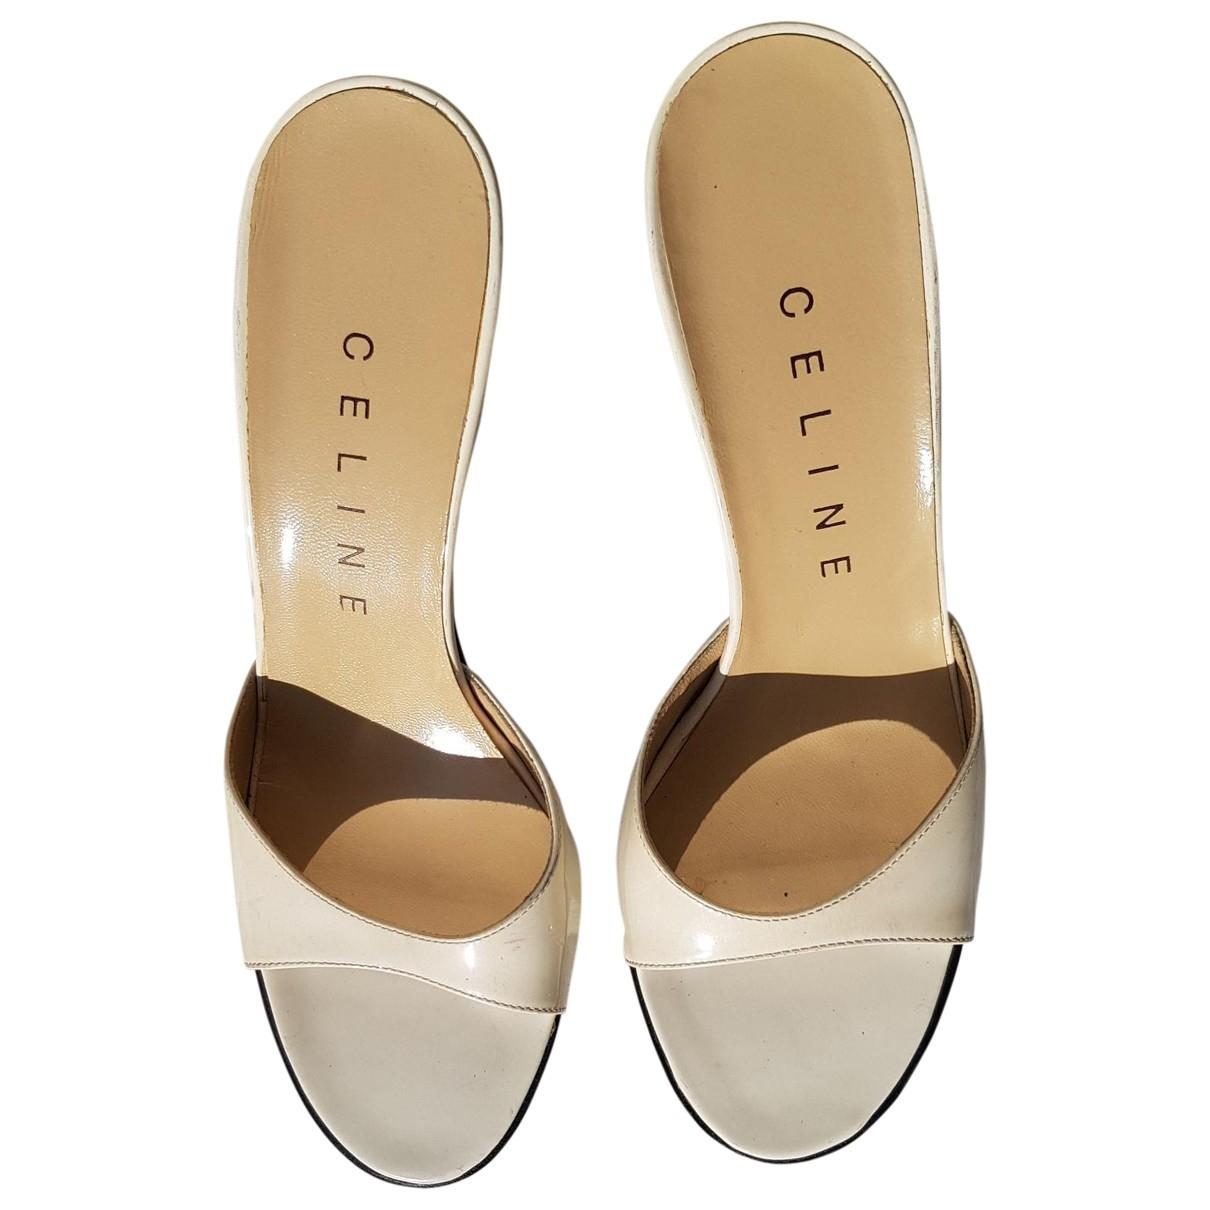 Celine Nude Ecru Leather Sandals for Women 37 EU